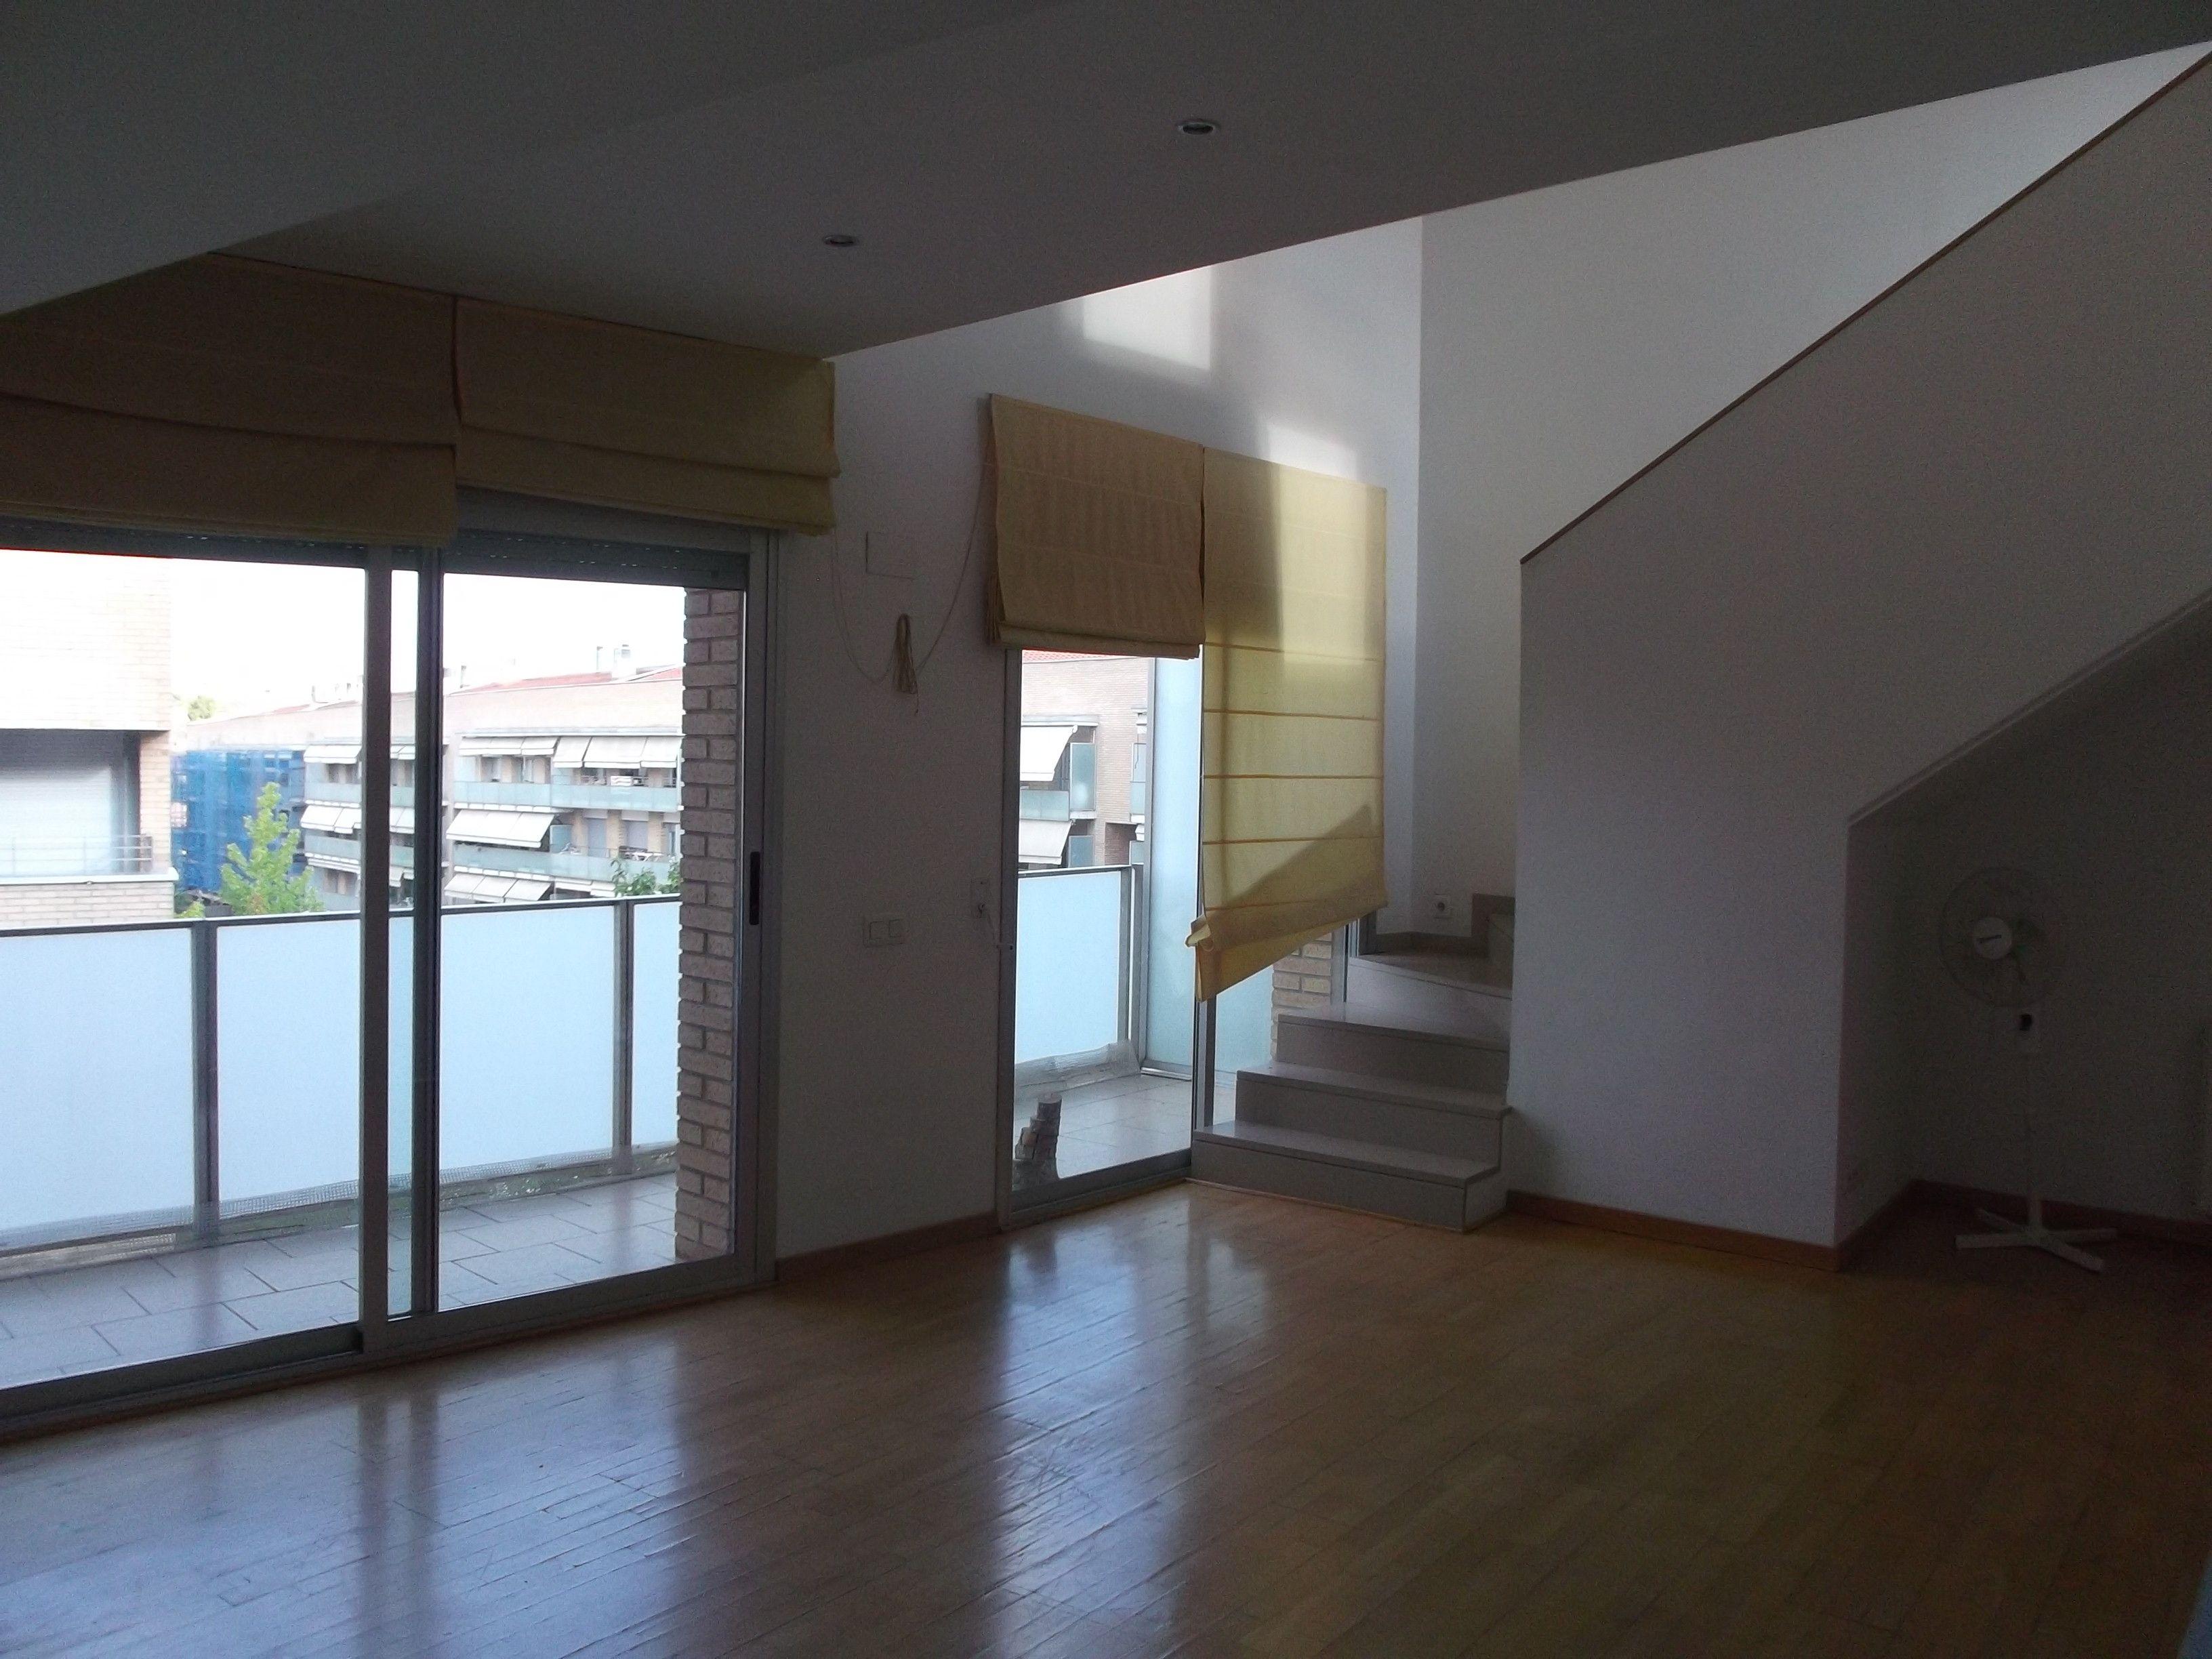 Àtica duplex de 106 m2. 2 habitacions, 2 banys i 1 estudi. Zona comunitària. FOTO: Cedida